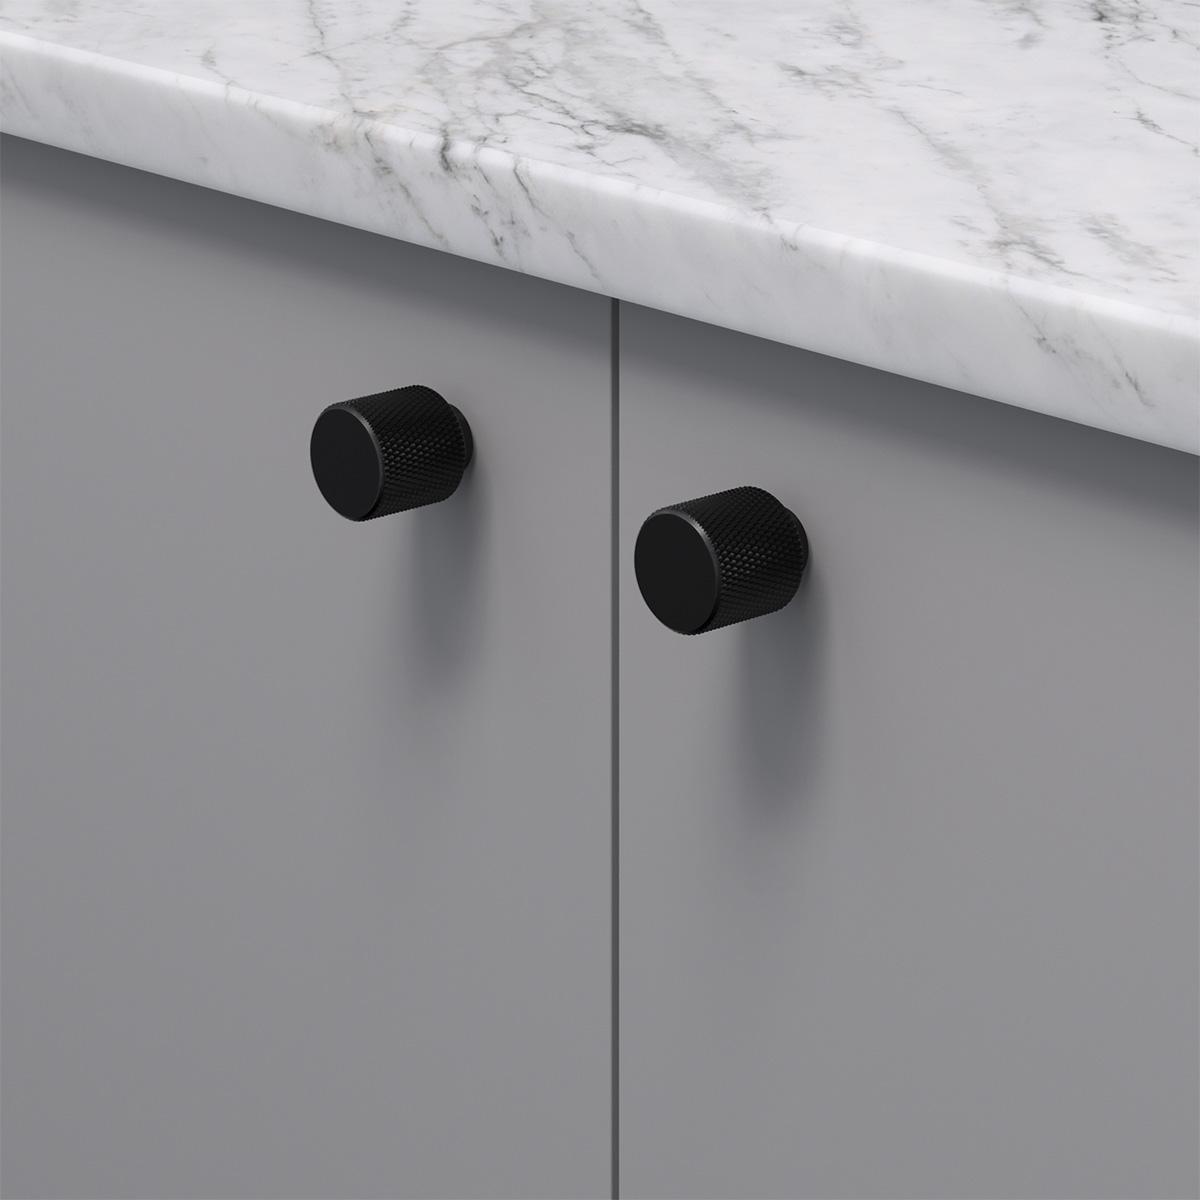 Knopp helix matt svart 309025 11 20 mm ncs s 4500 n marmor carrara